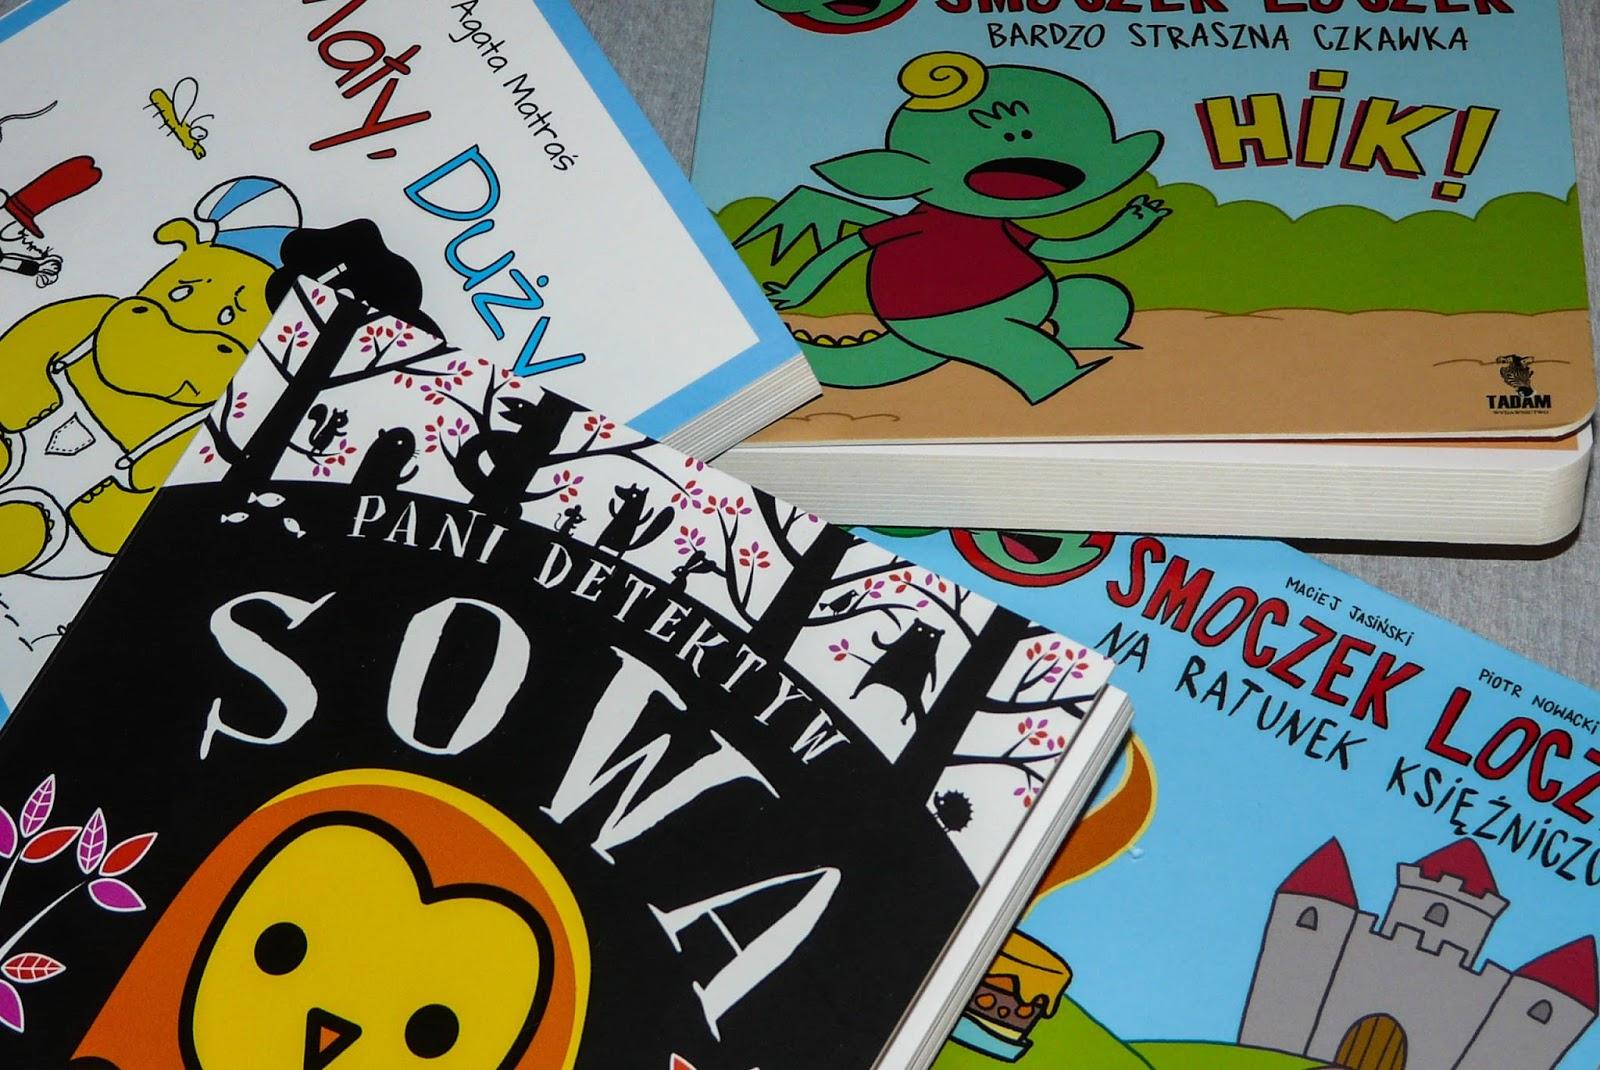 co czytać dziecku, książki dla dwulatka, książki dla roczniaka, ciekawe książki dla dzieci, książki kartonowe, blog, inspiracje